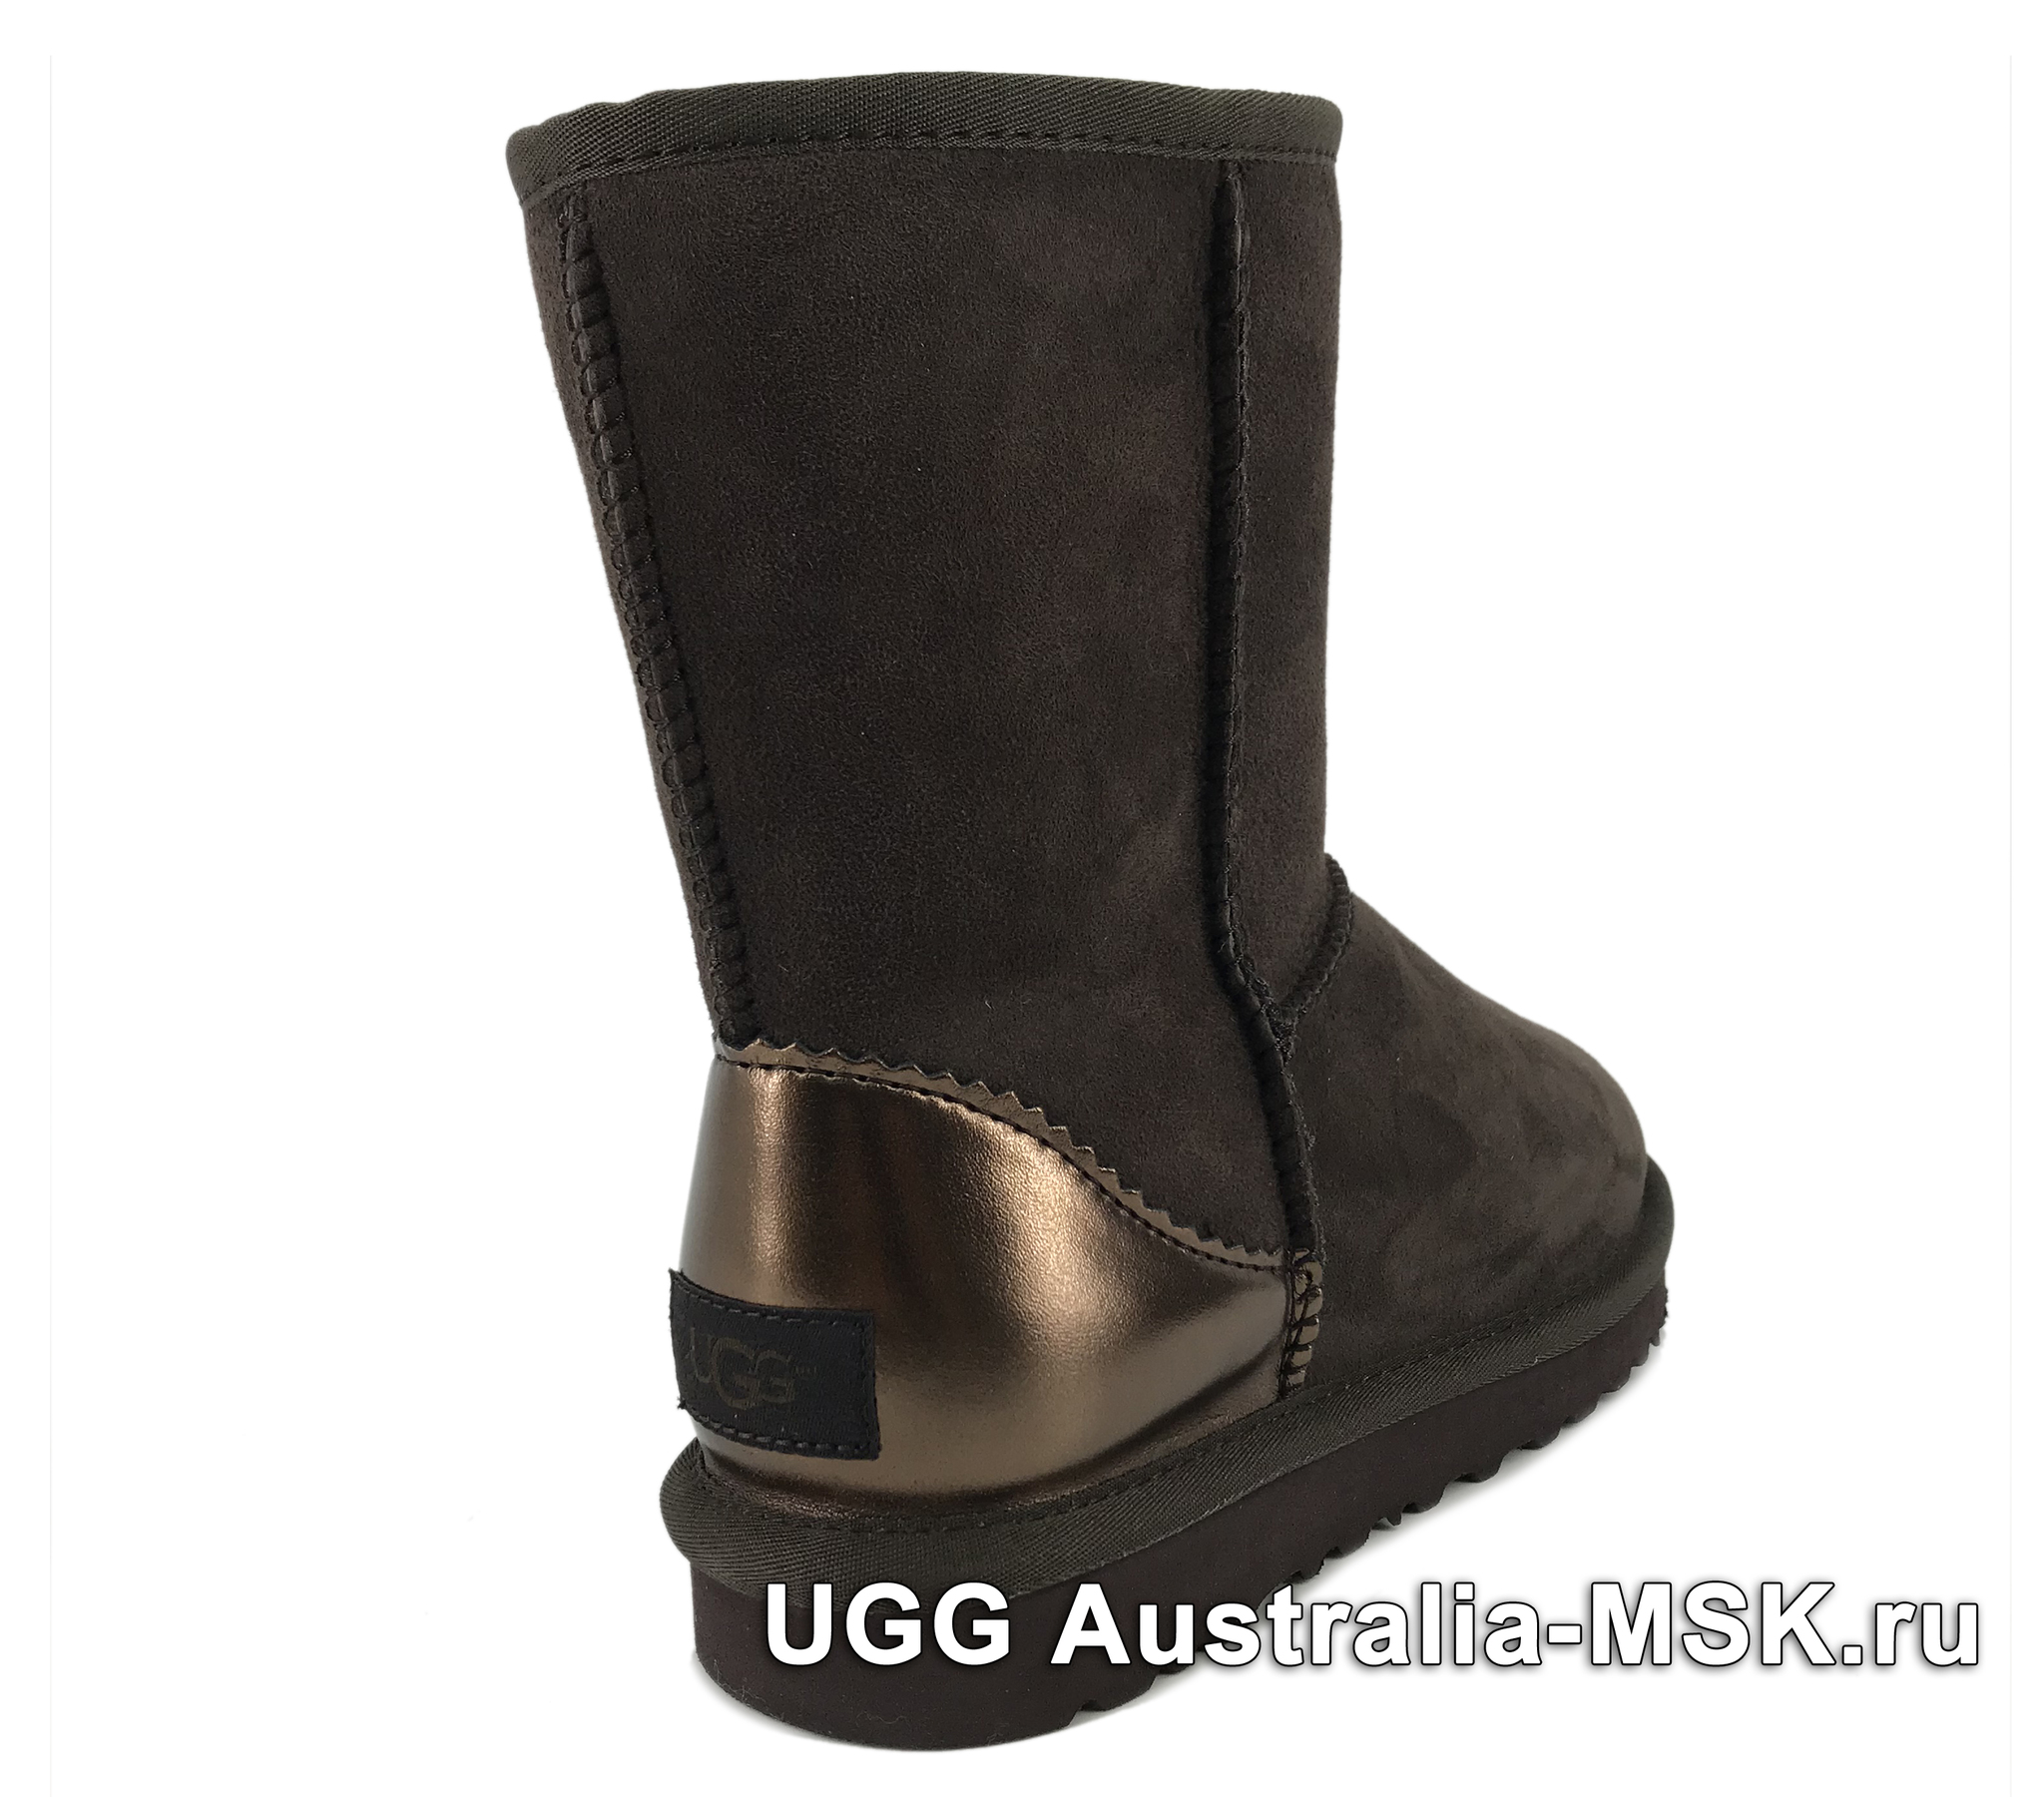 UGG Classic II Metallic Chocolate